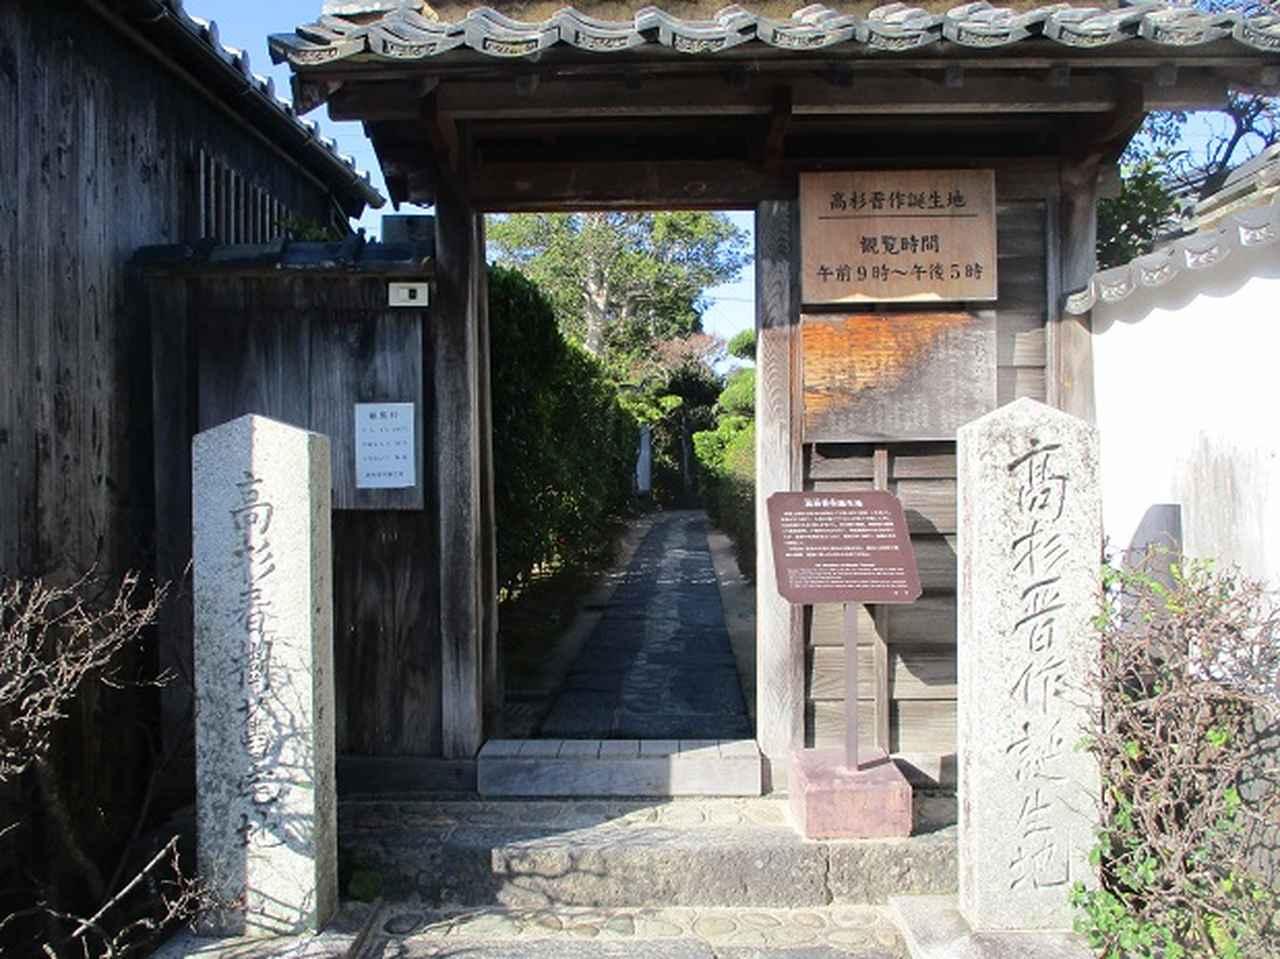 画像11: 1月の山旅会 「宮島弥山・秋吉台龍護峰・萩笠山」 の下見にいってまいりました!